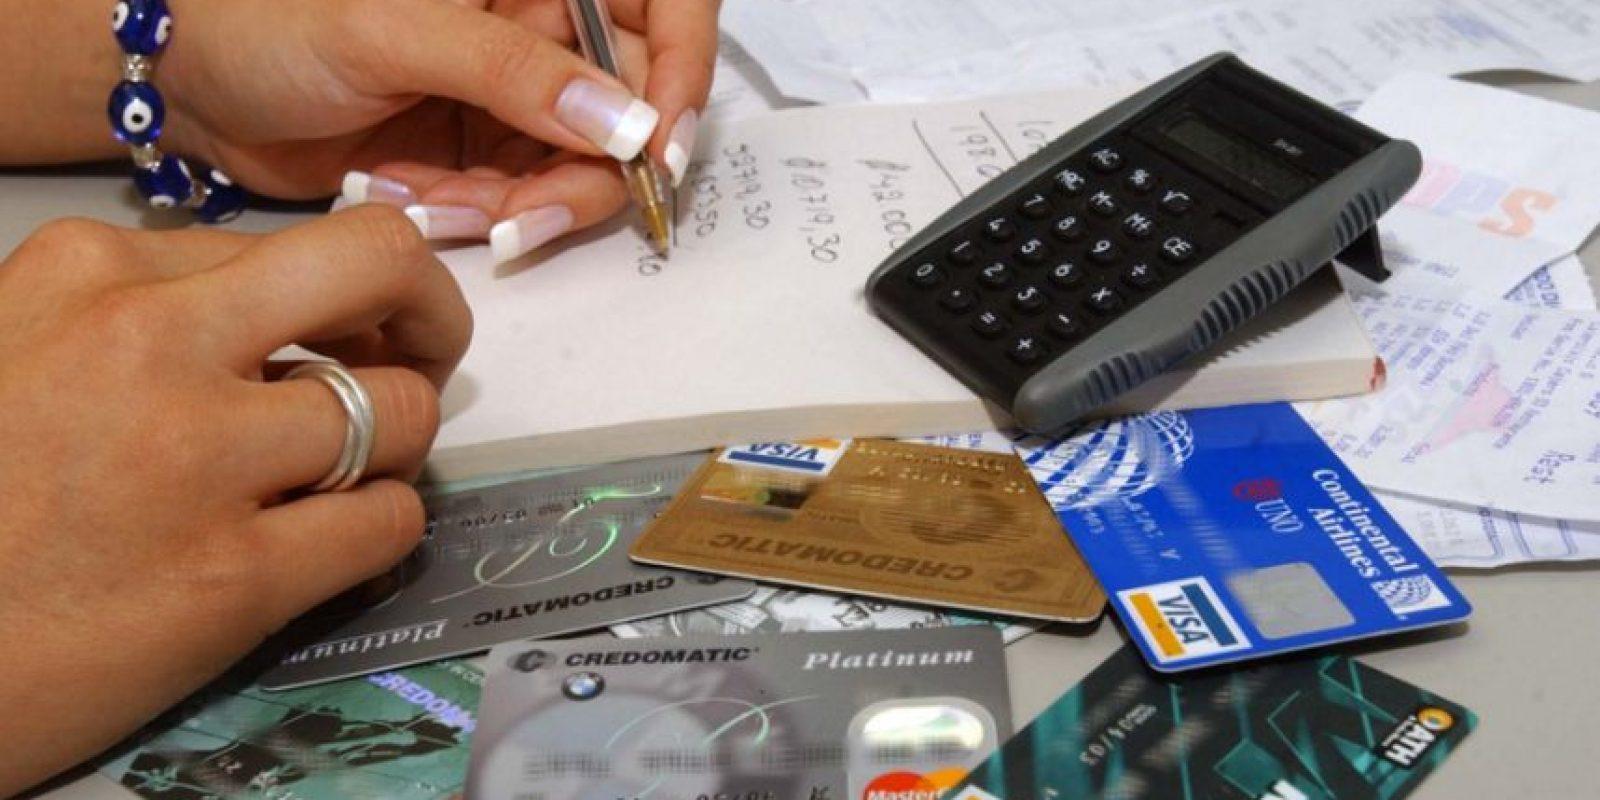 Tener más de una tarjetas de crédito puede hacerte caer en la tentación del consumismo. Foto:Especial